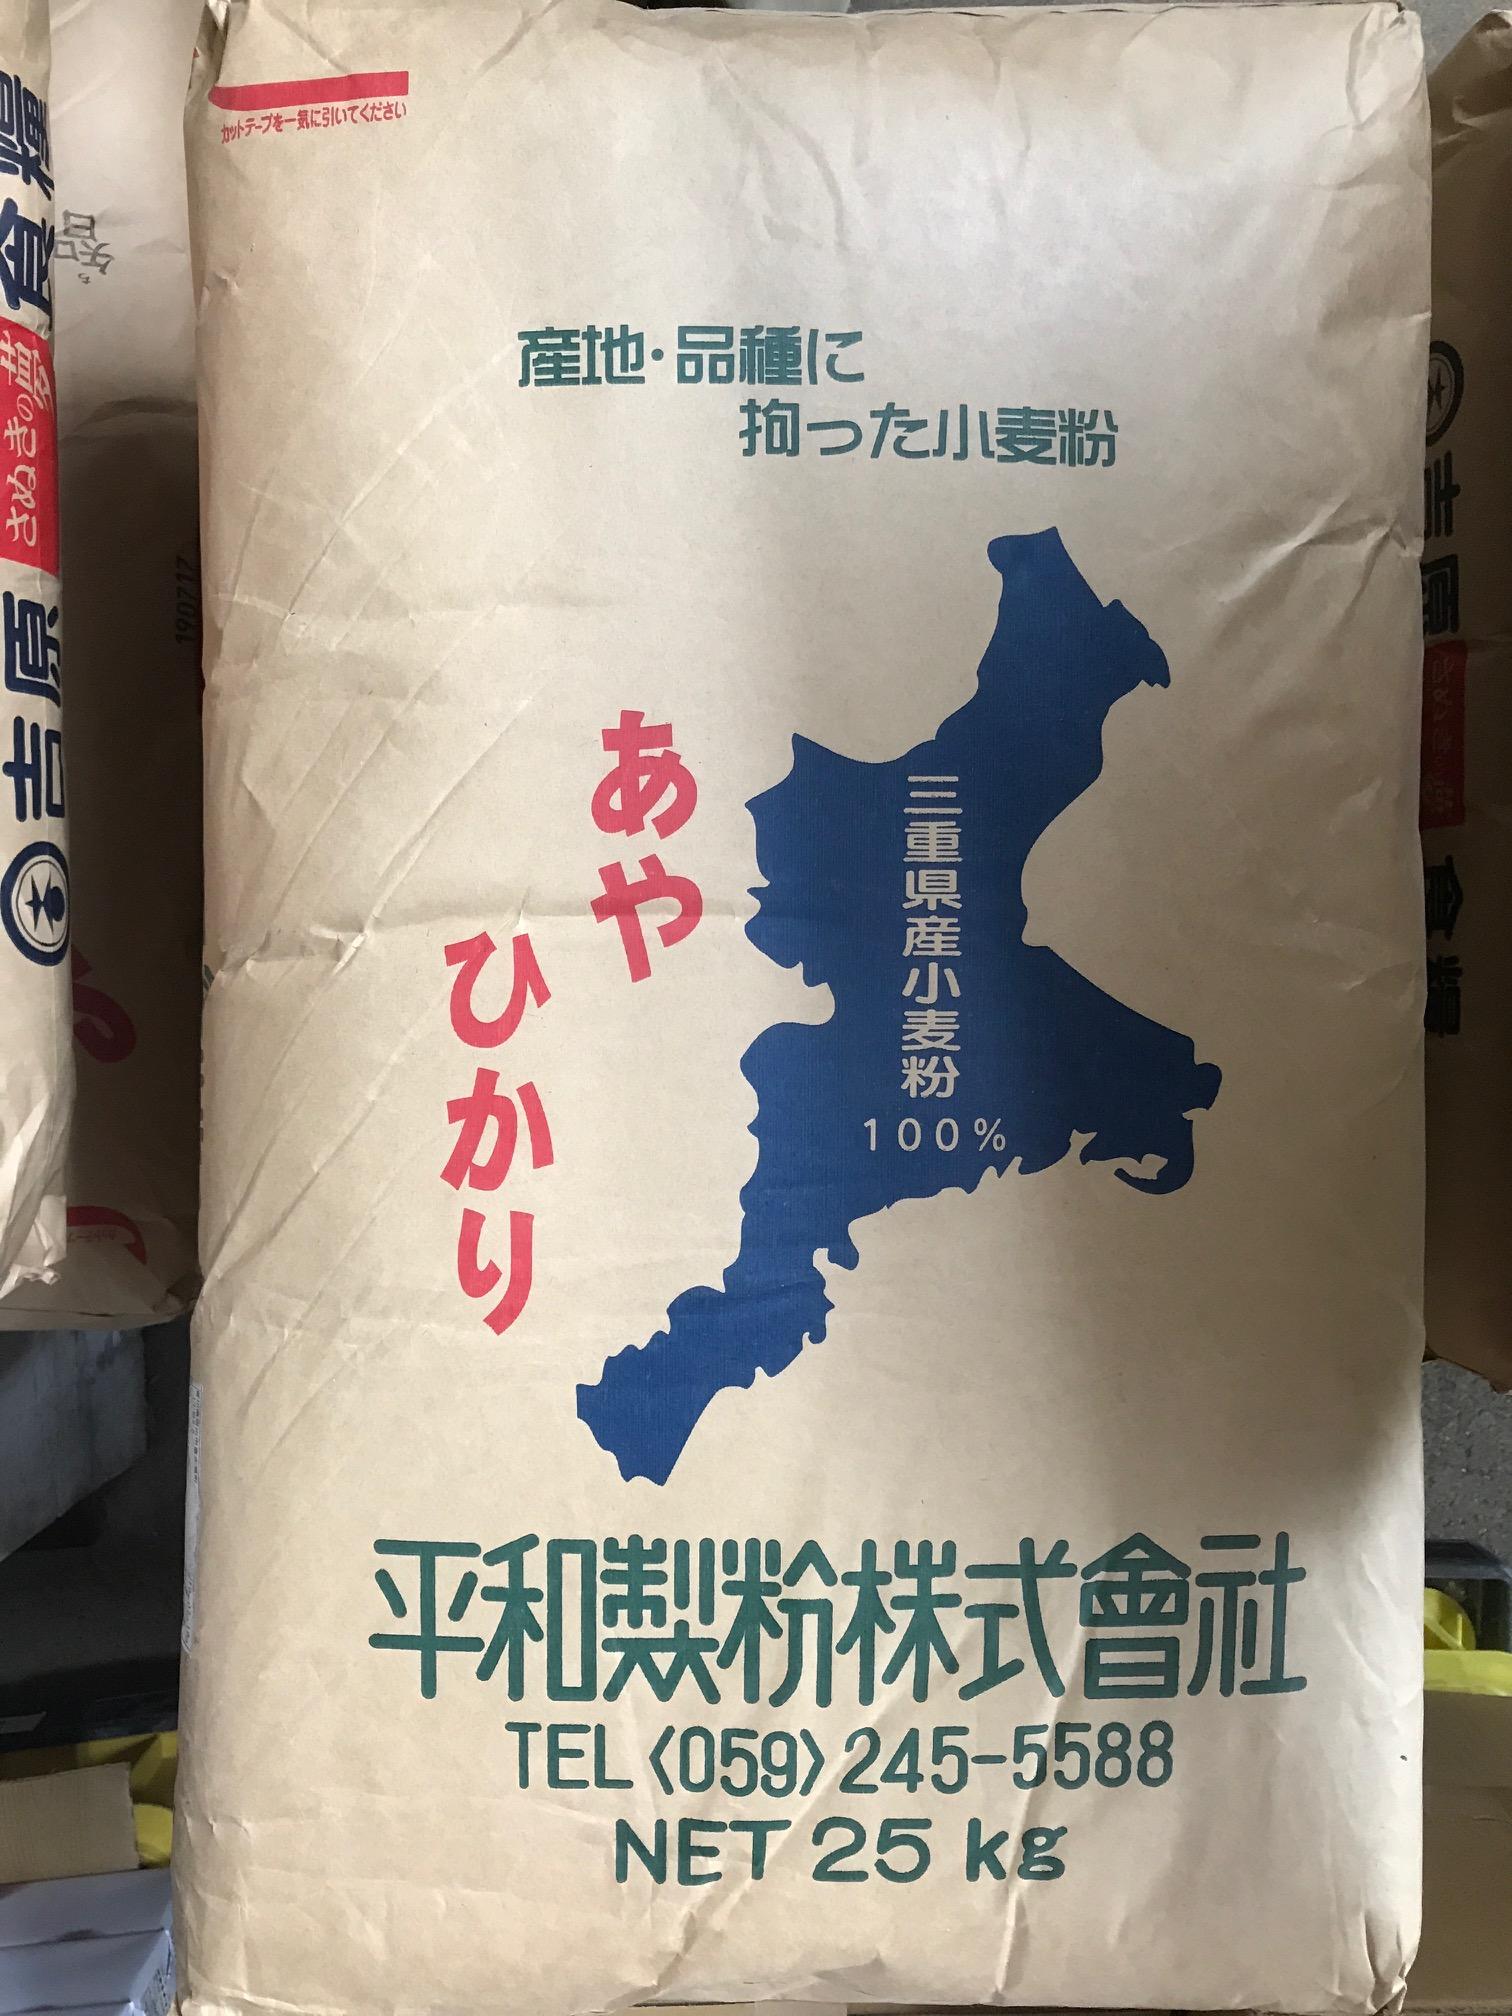 三重県産小麦「あやひかり」100%使用生うどん